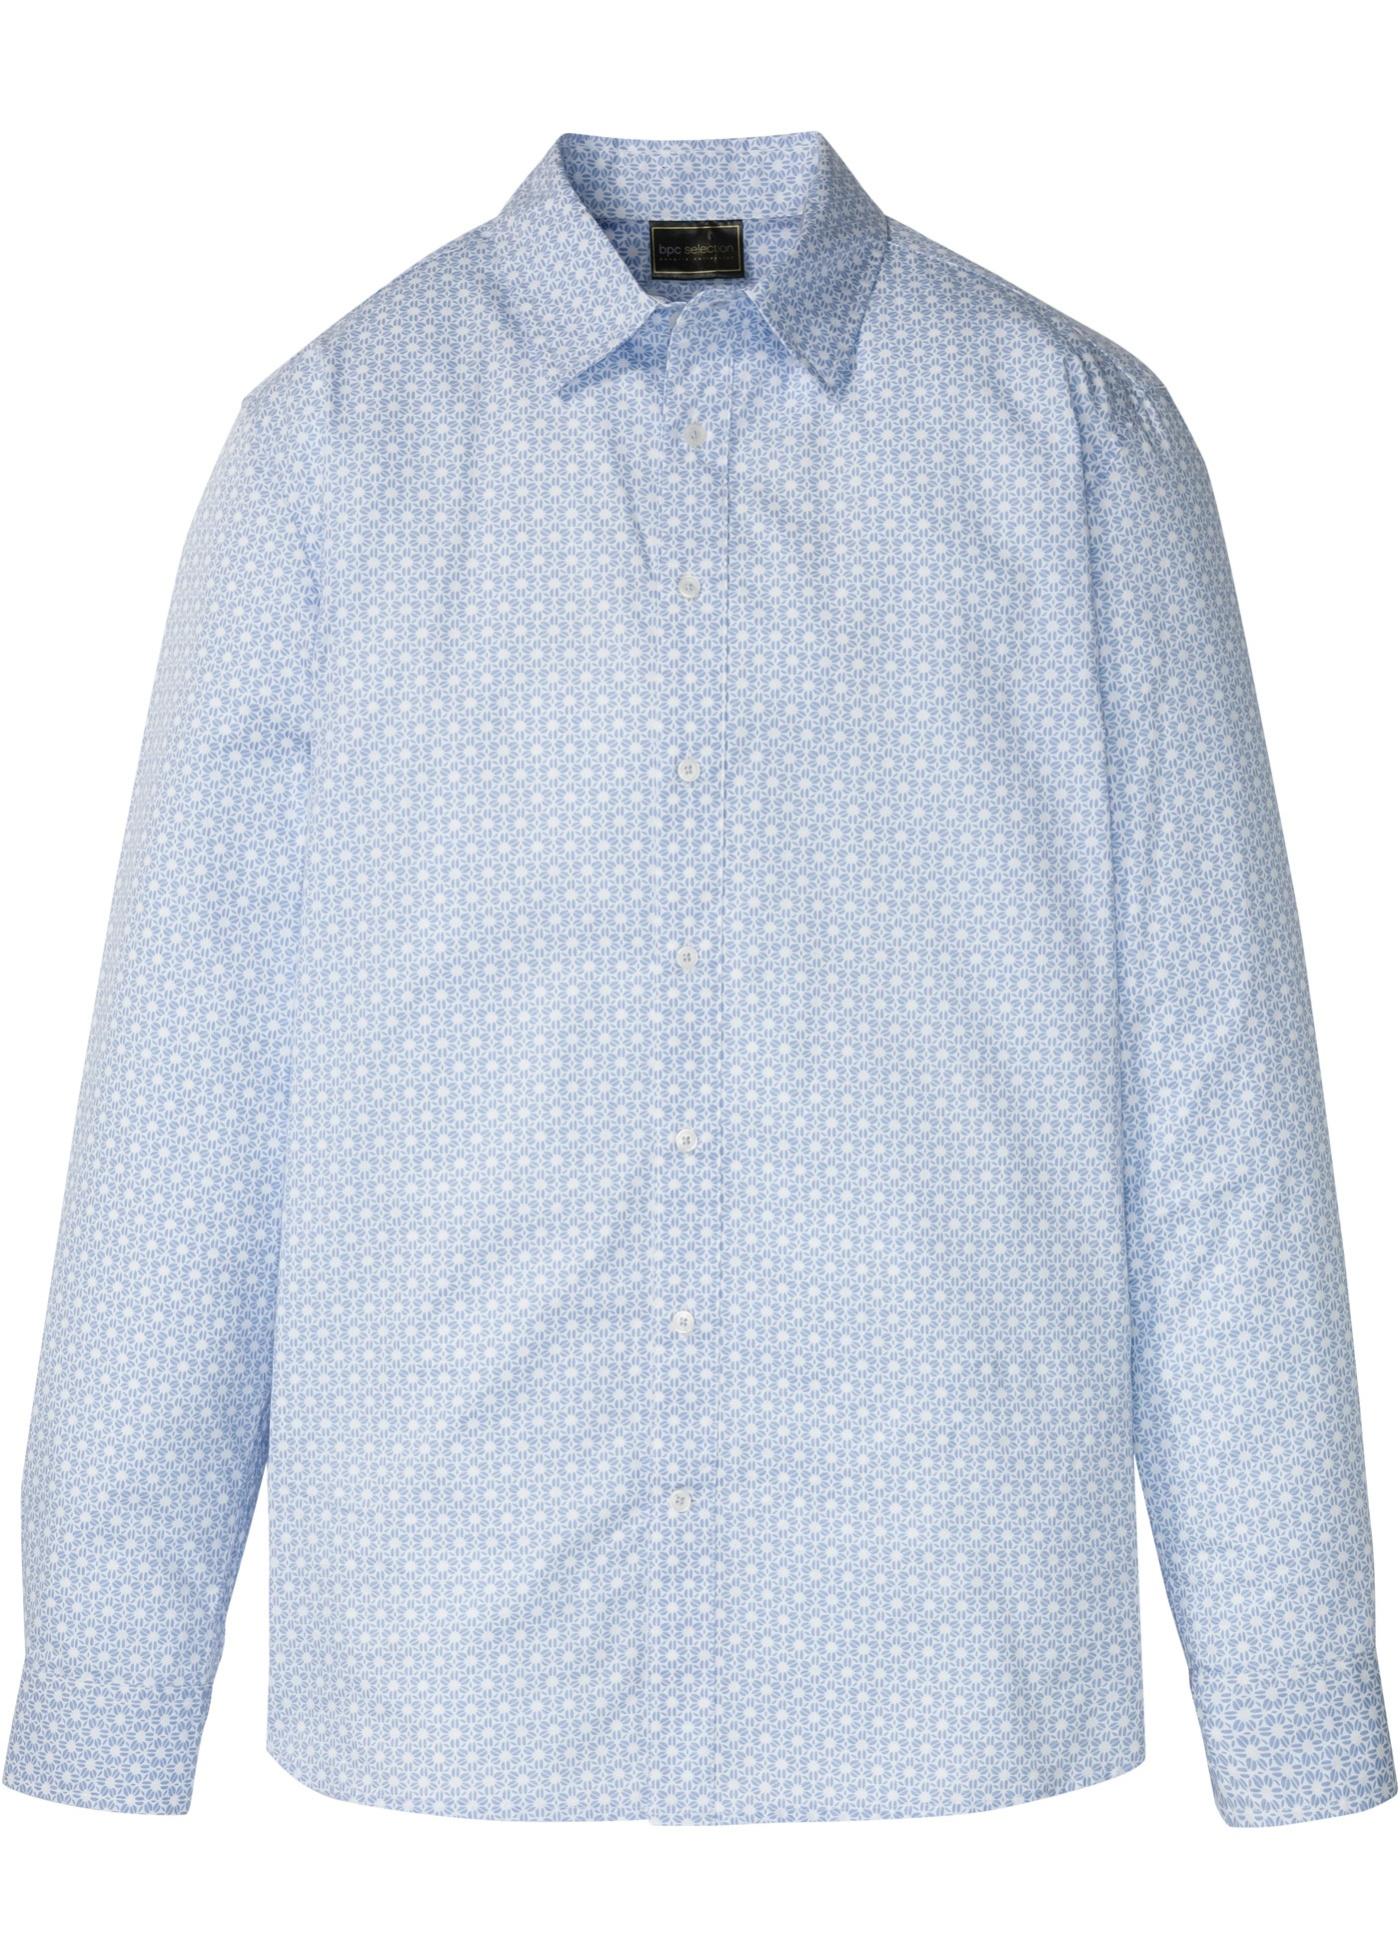 Chemise à motif cravate